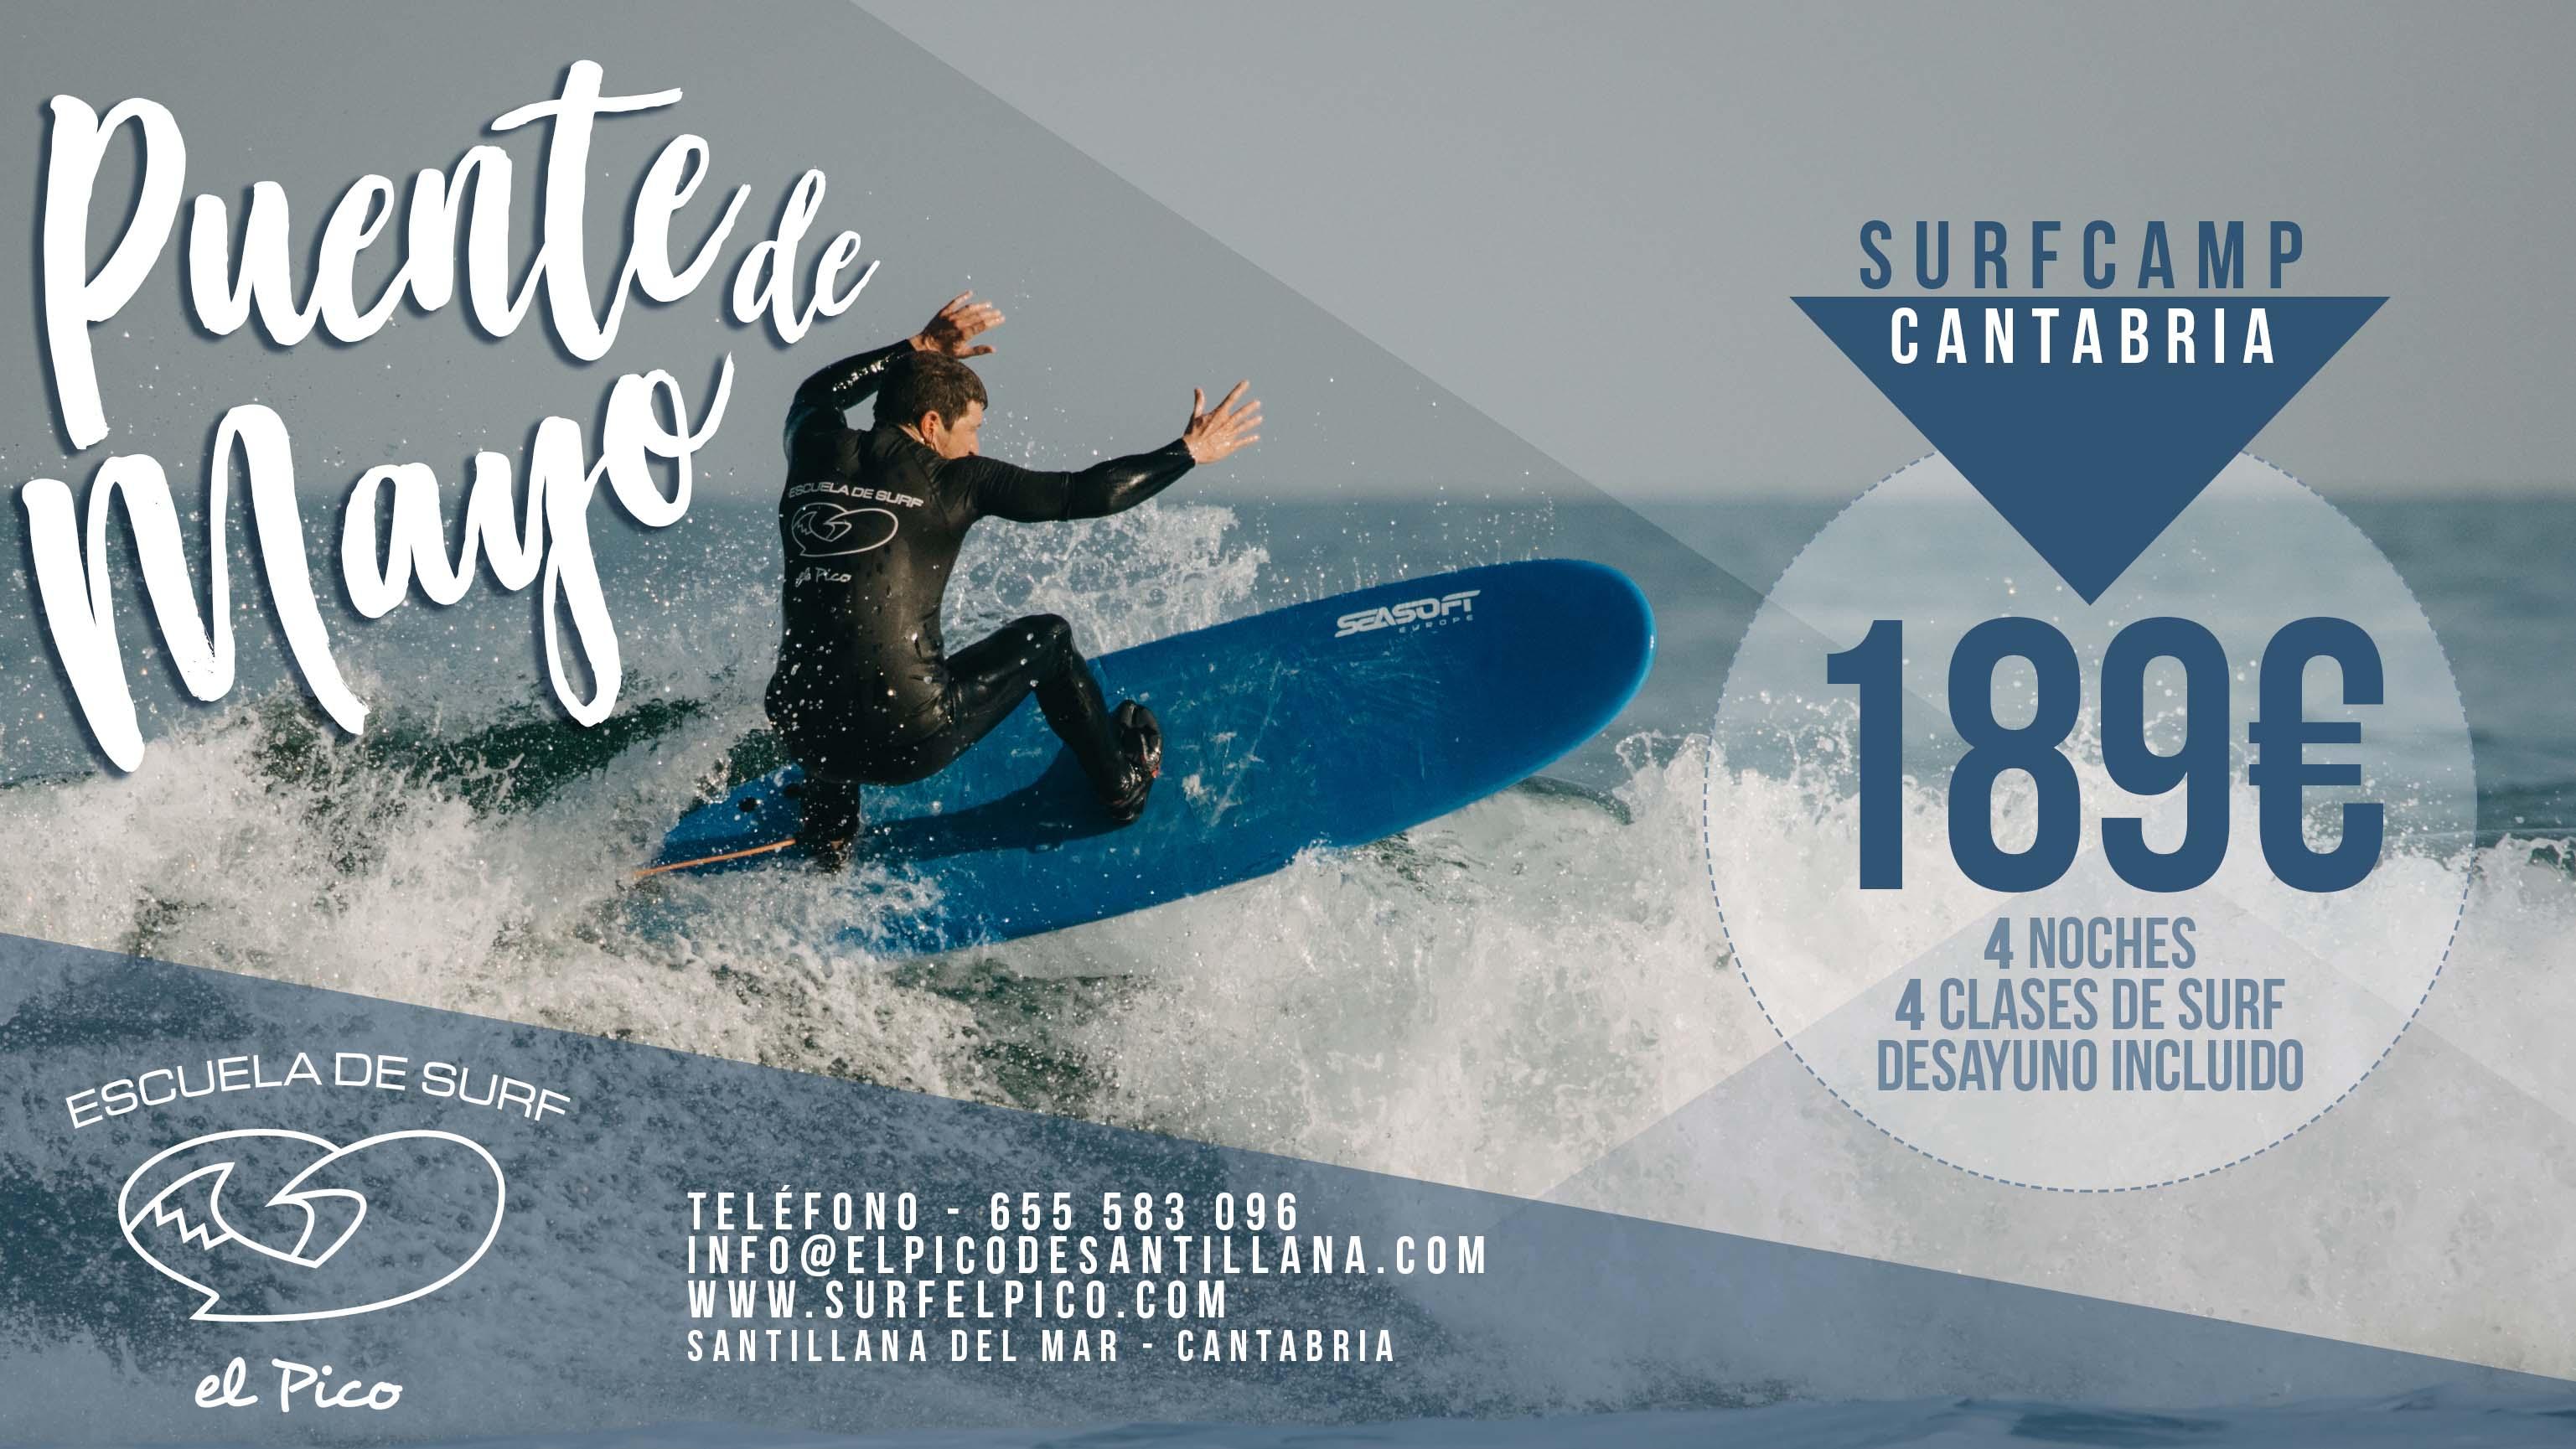 Oferta Surfcamp Puente de Mayo 2019 🔥